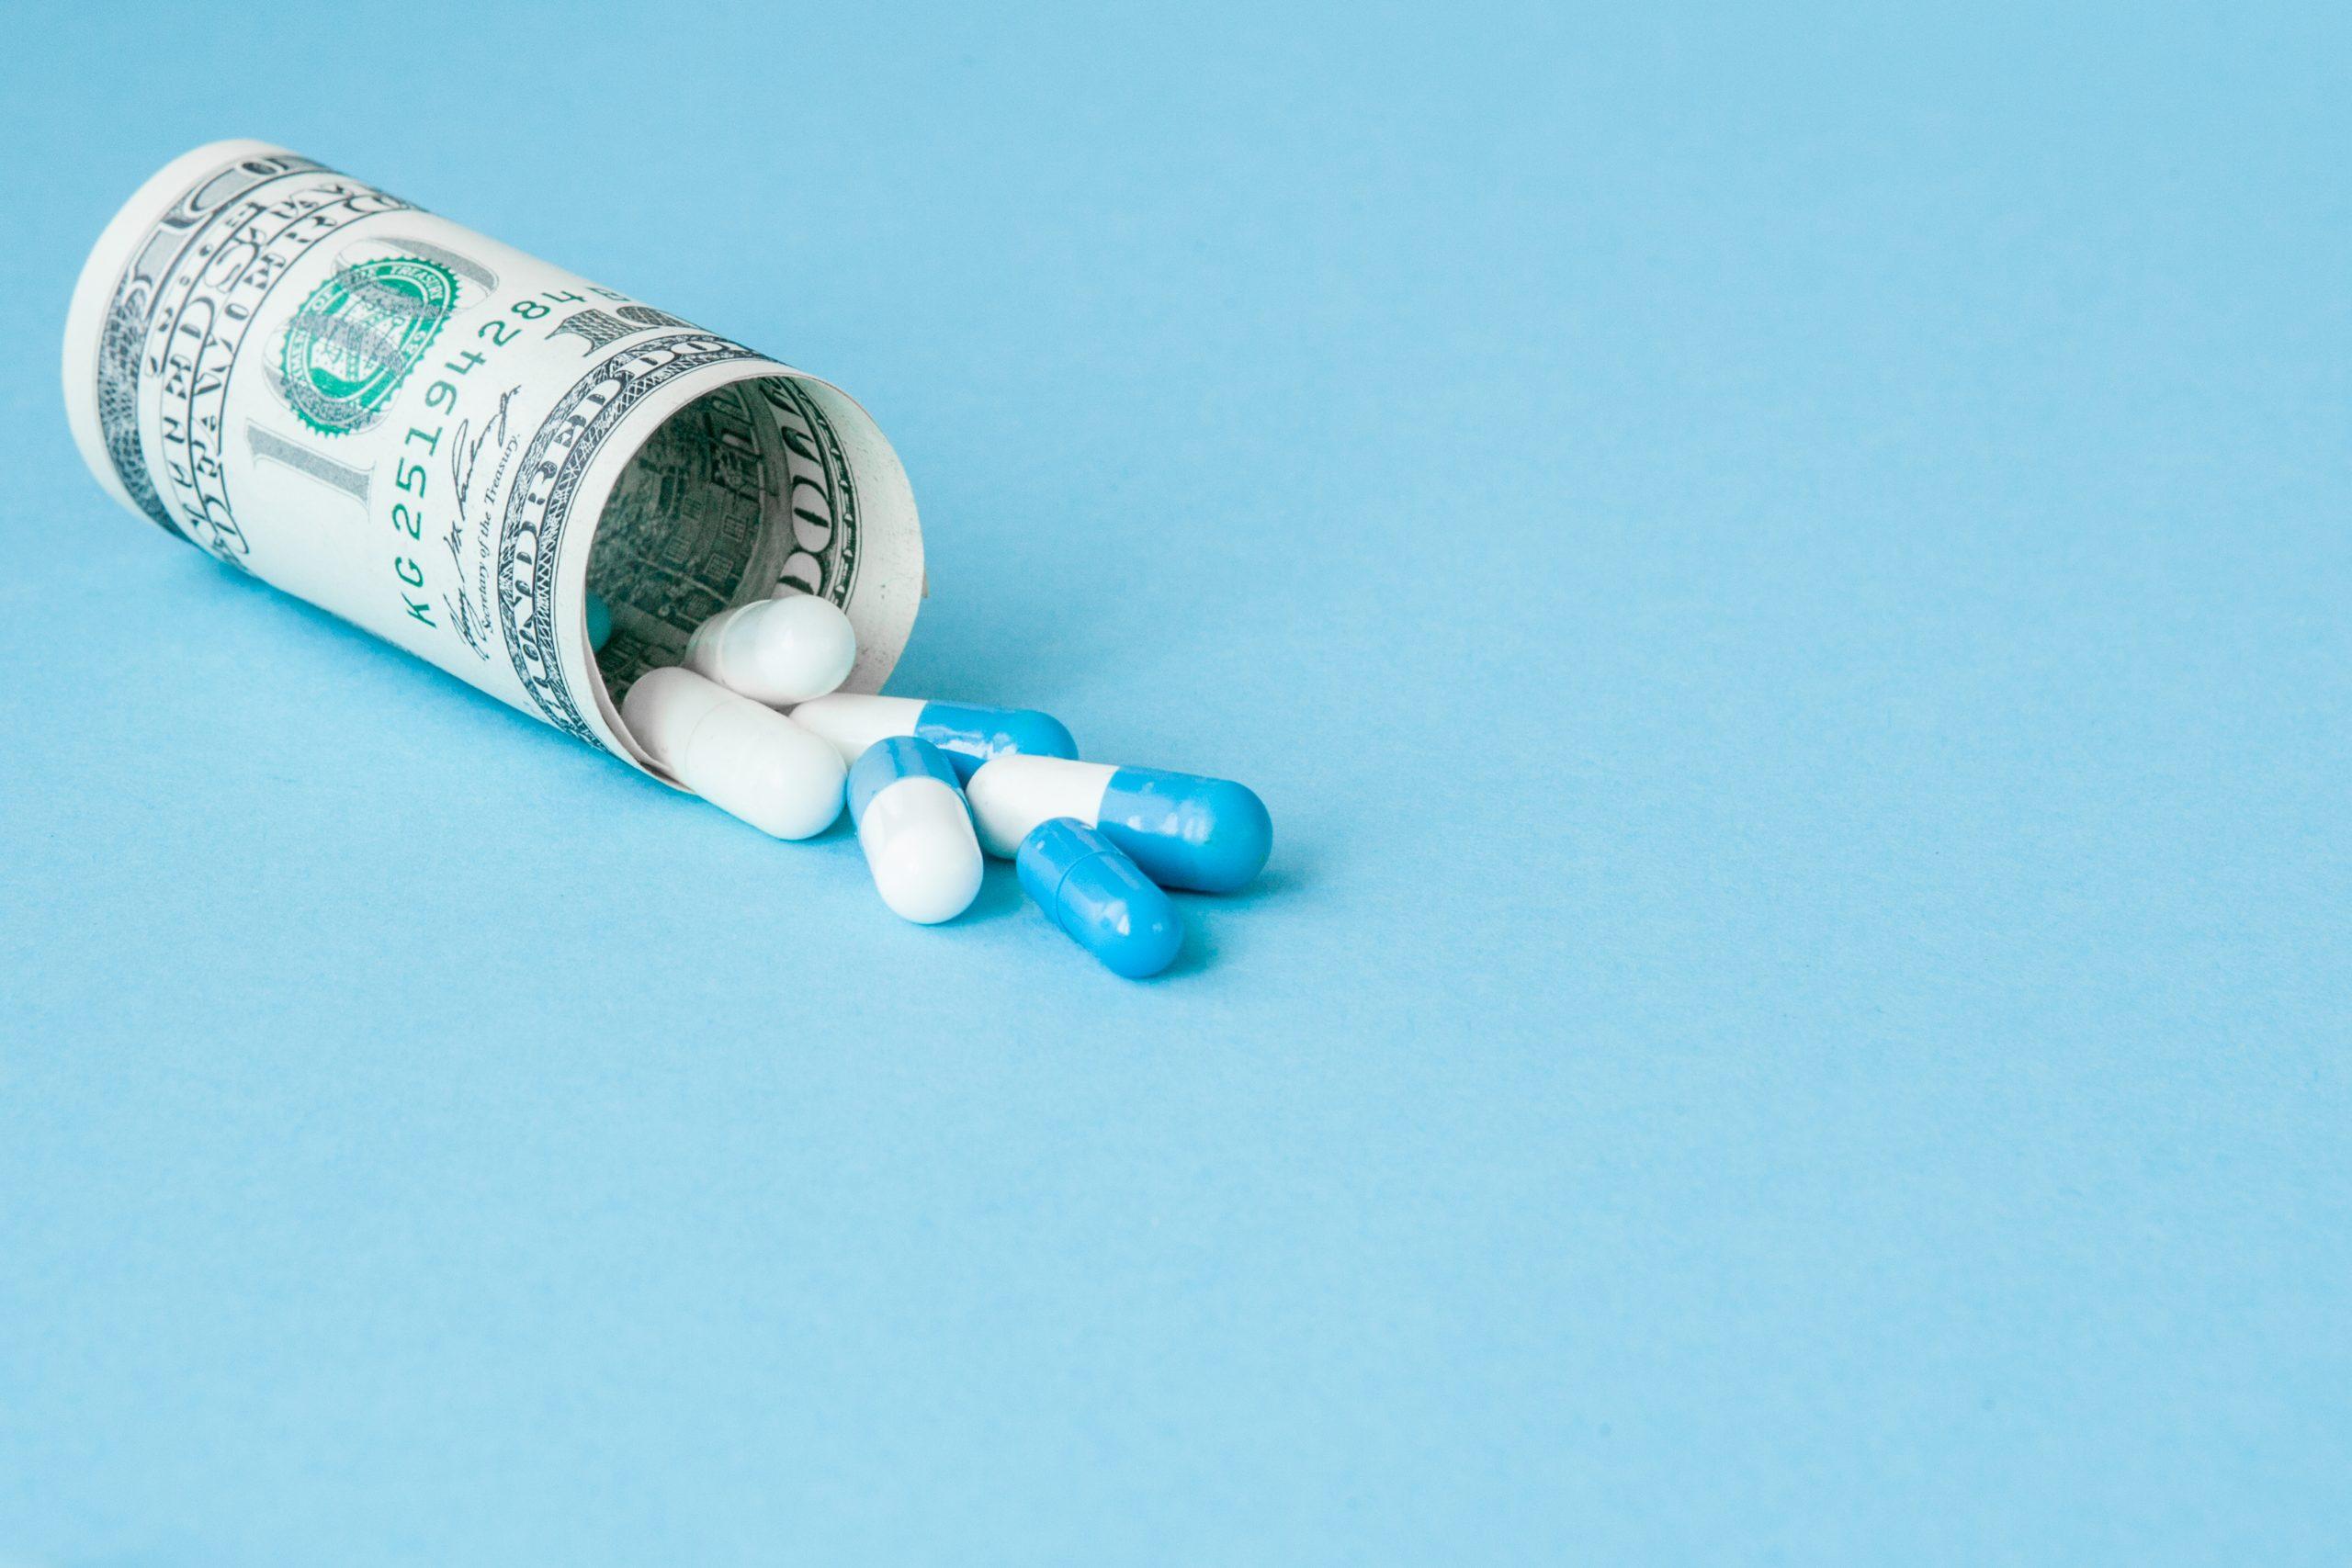 Medicamento de alto custo e plano de saúde: tudo o que você precisa saber